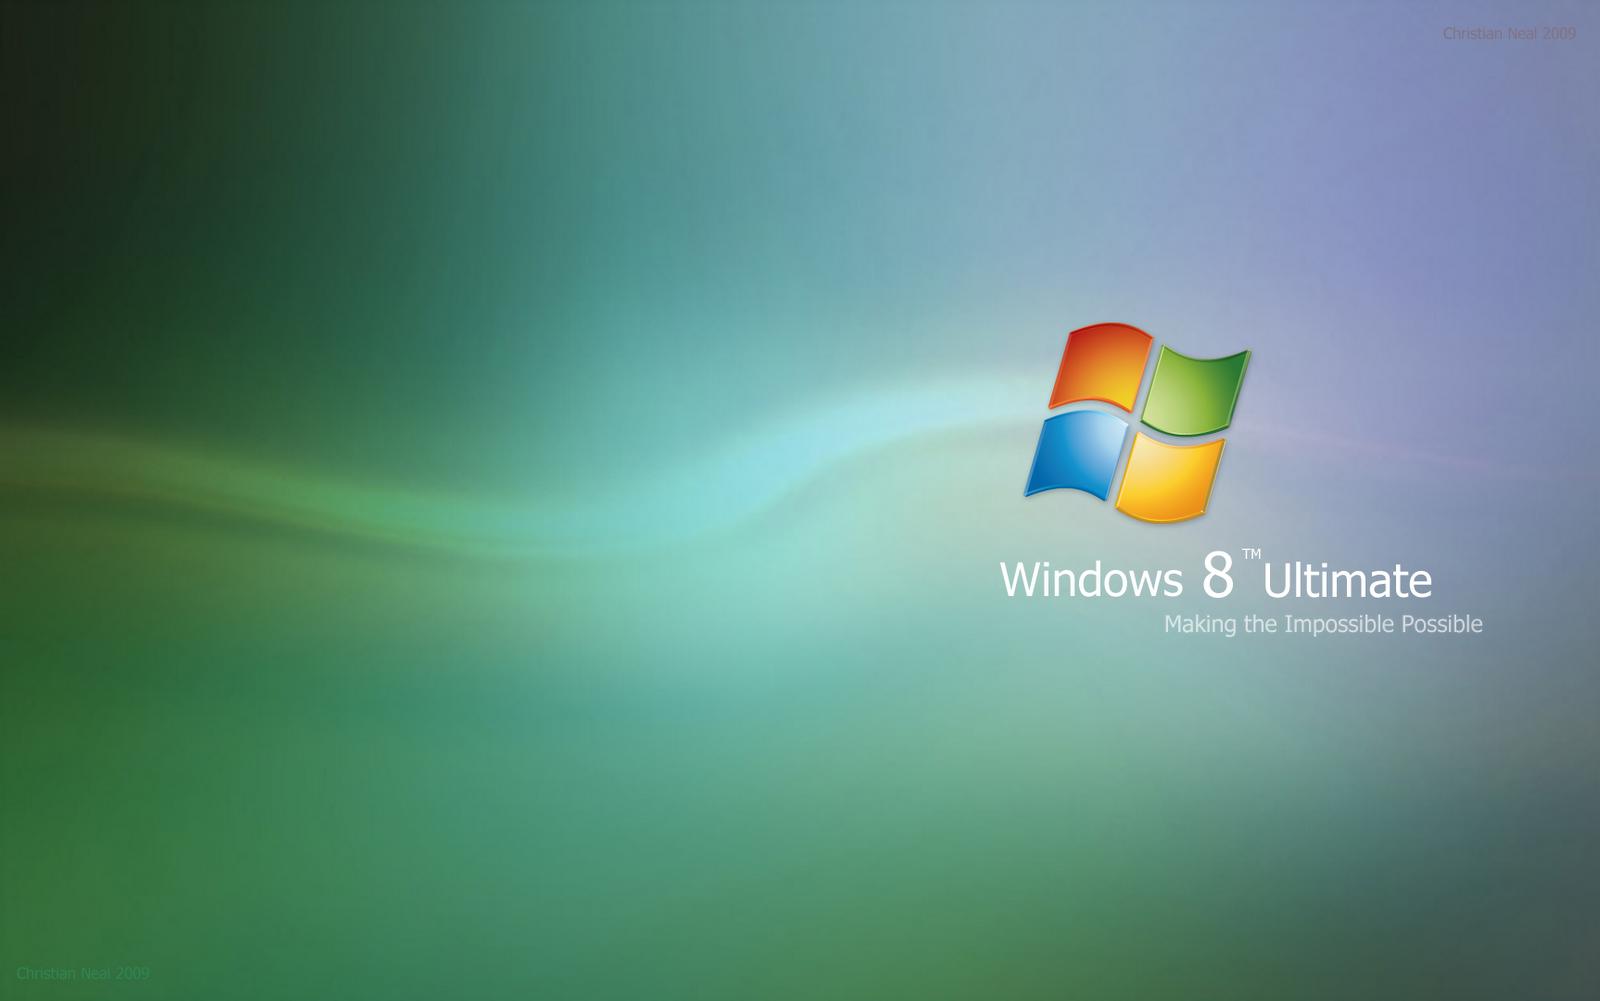 Windows 8 Achtergronden | HD Wallpapers